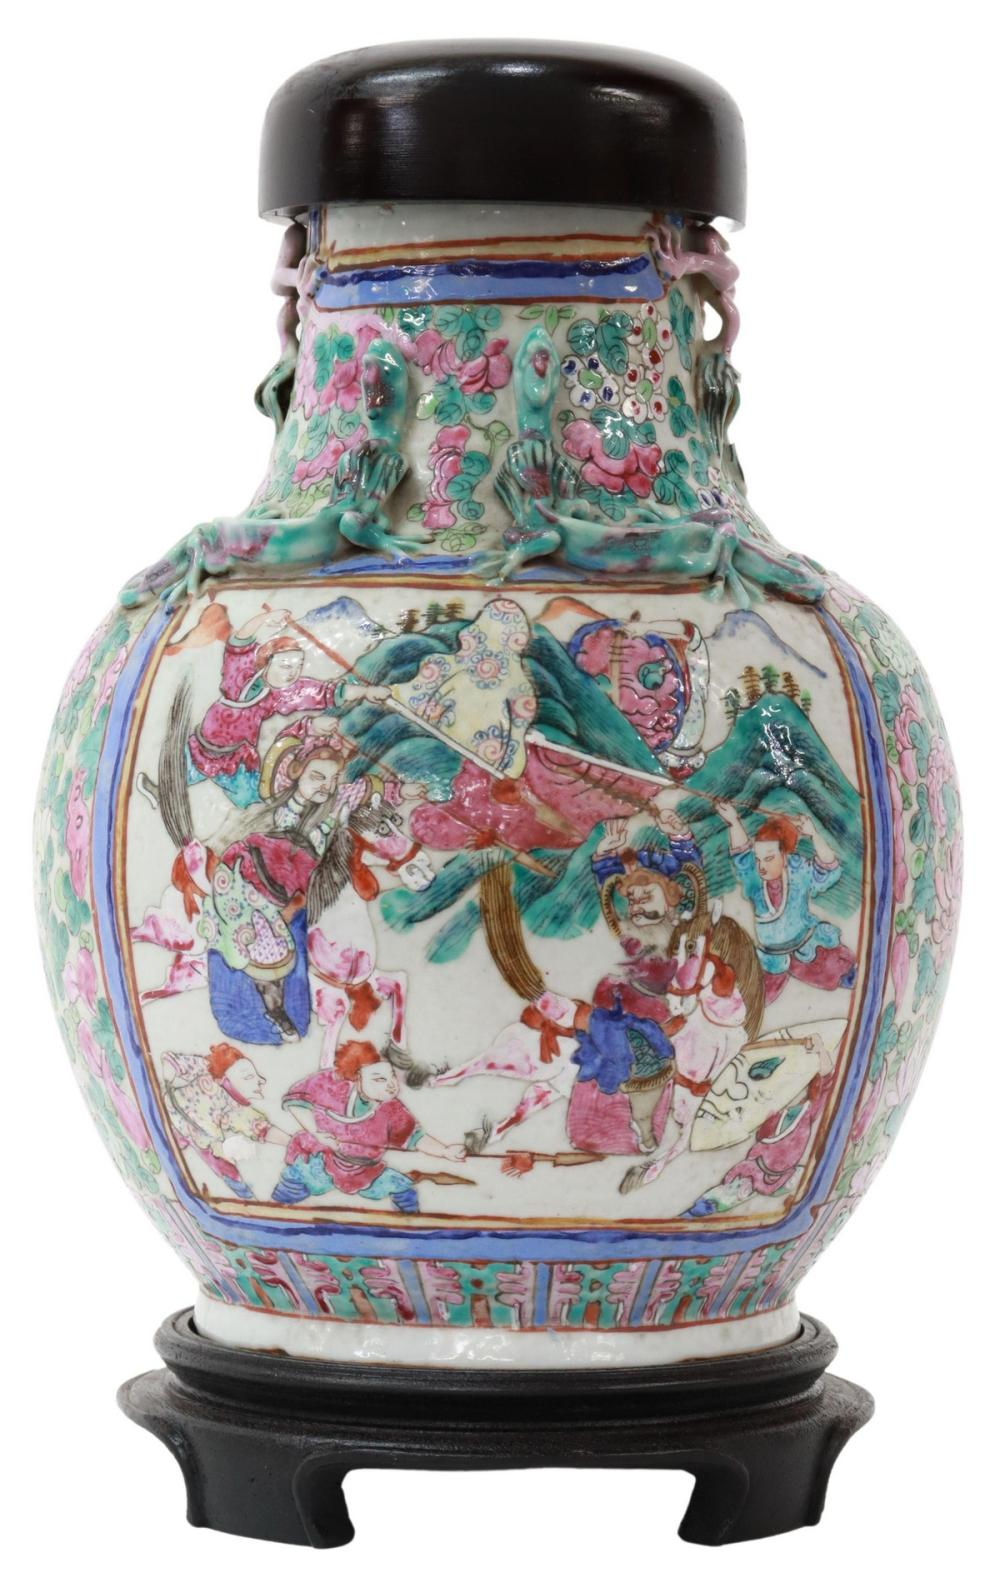 CHINESE FIGURAL ENAMELED PORCELAIN JAR